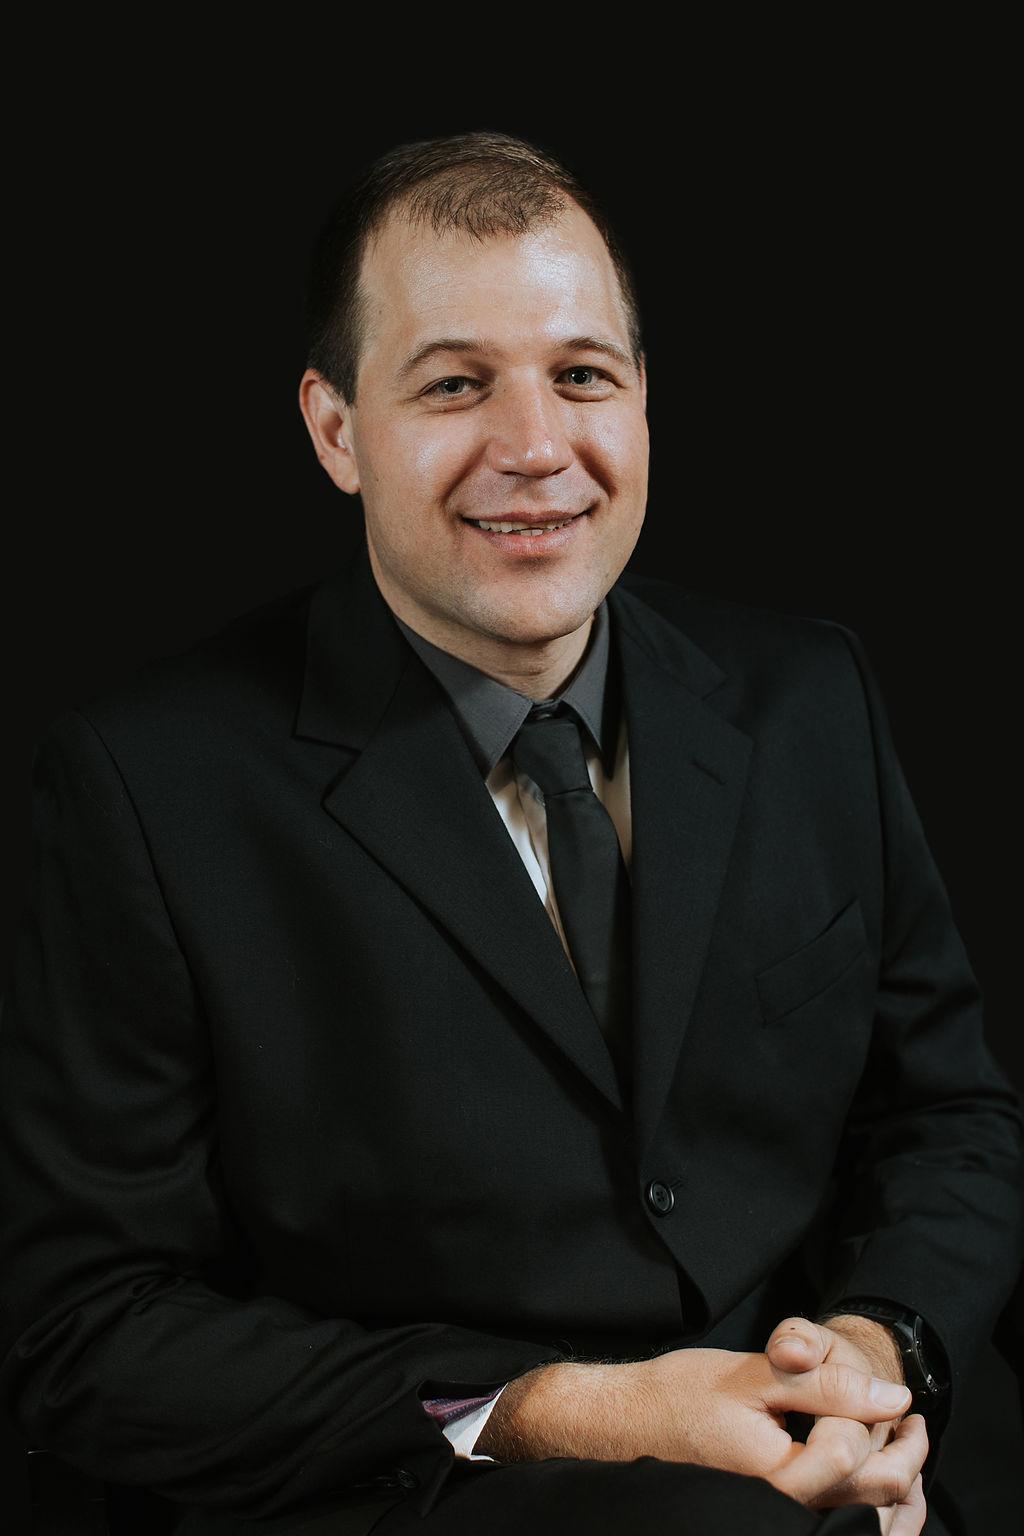 Johan Bergh